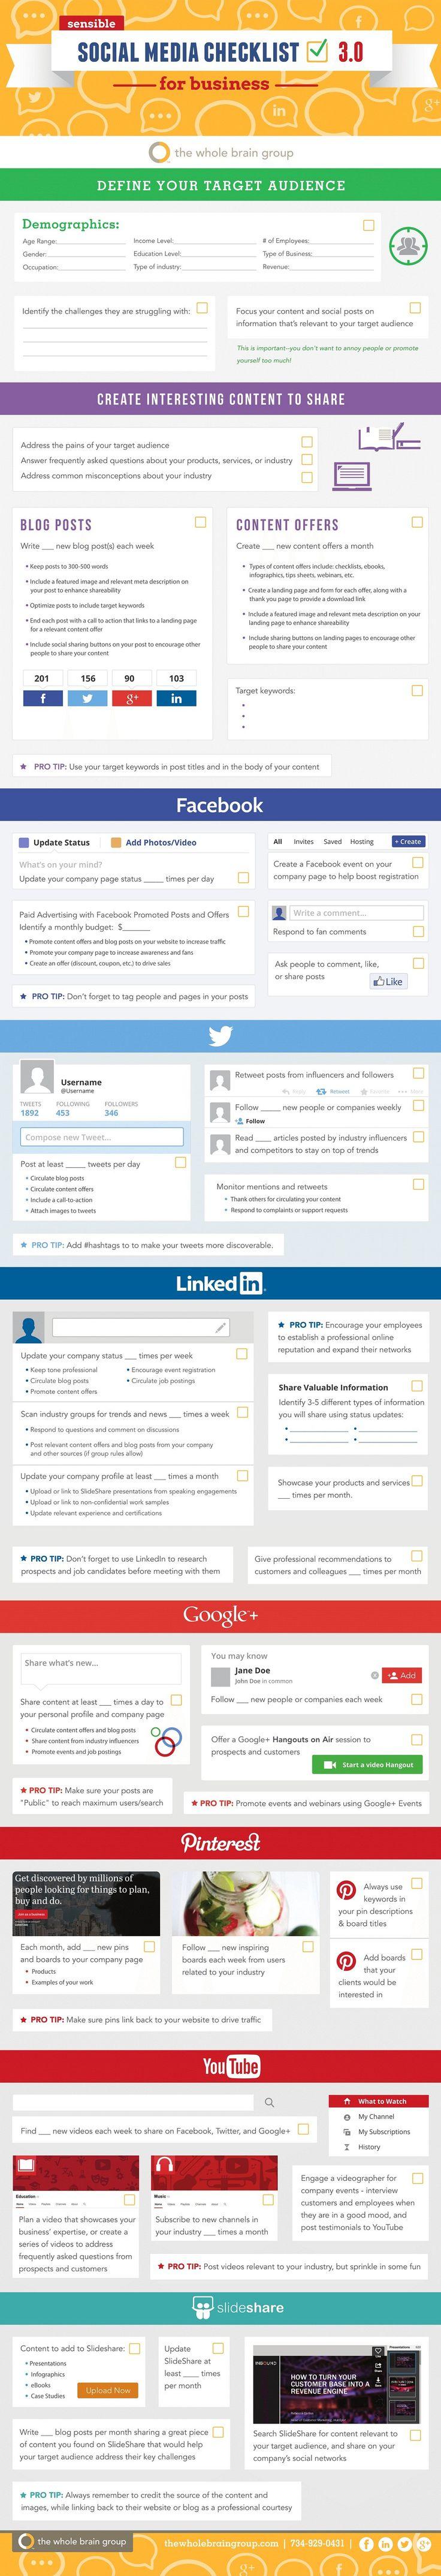 Sensible #SocialMediaMarketing Checklist for Business - #infographic Twitter, Facebook, GooglePlus, Pinterest, #LinkedIn, #YouTube, SlideShare, Blogging